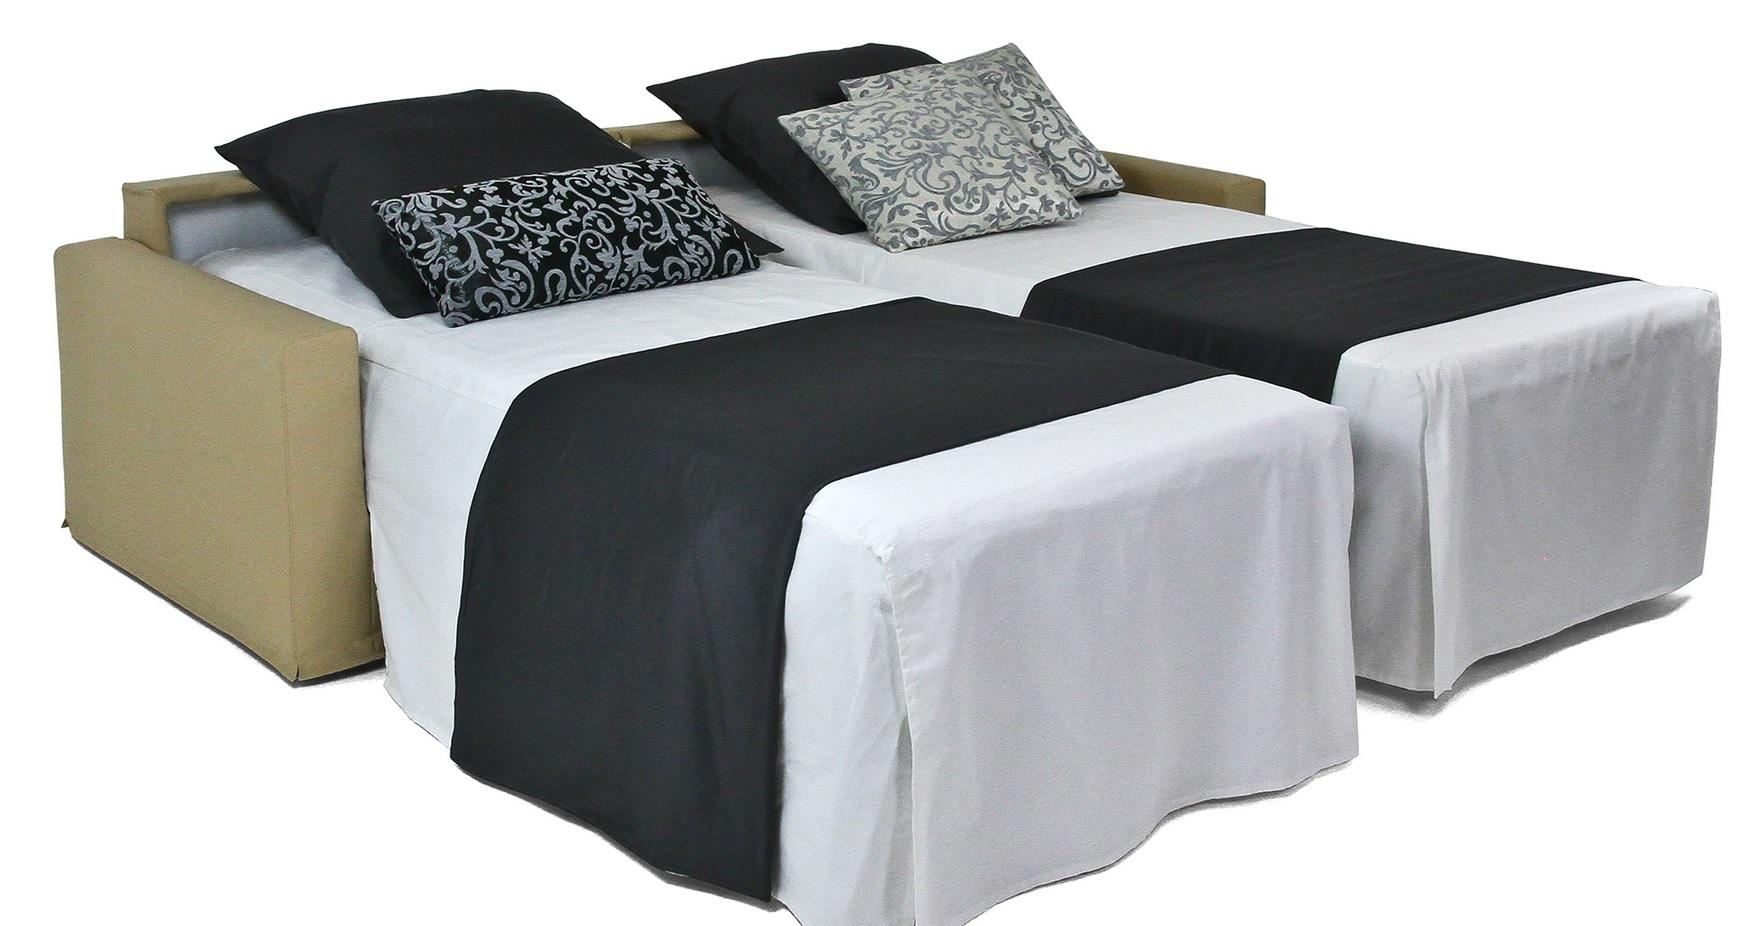 doppelbettcouch campo bei traumsofas blog kreative raumkonzepte wohnideen. Black Bedroom Furniture Sets. Home Design Ideas